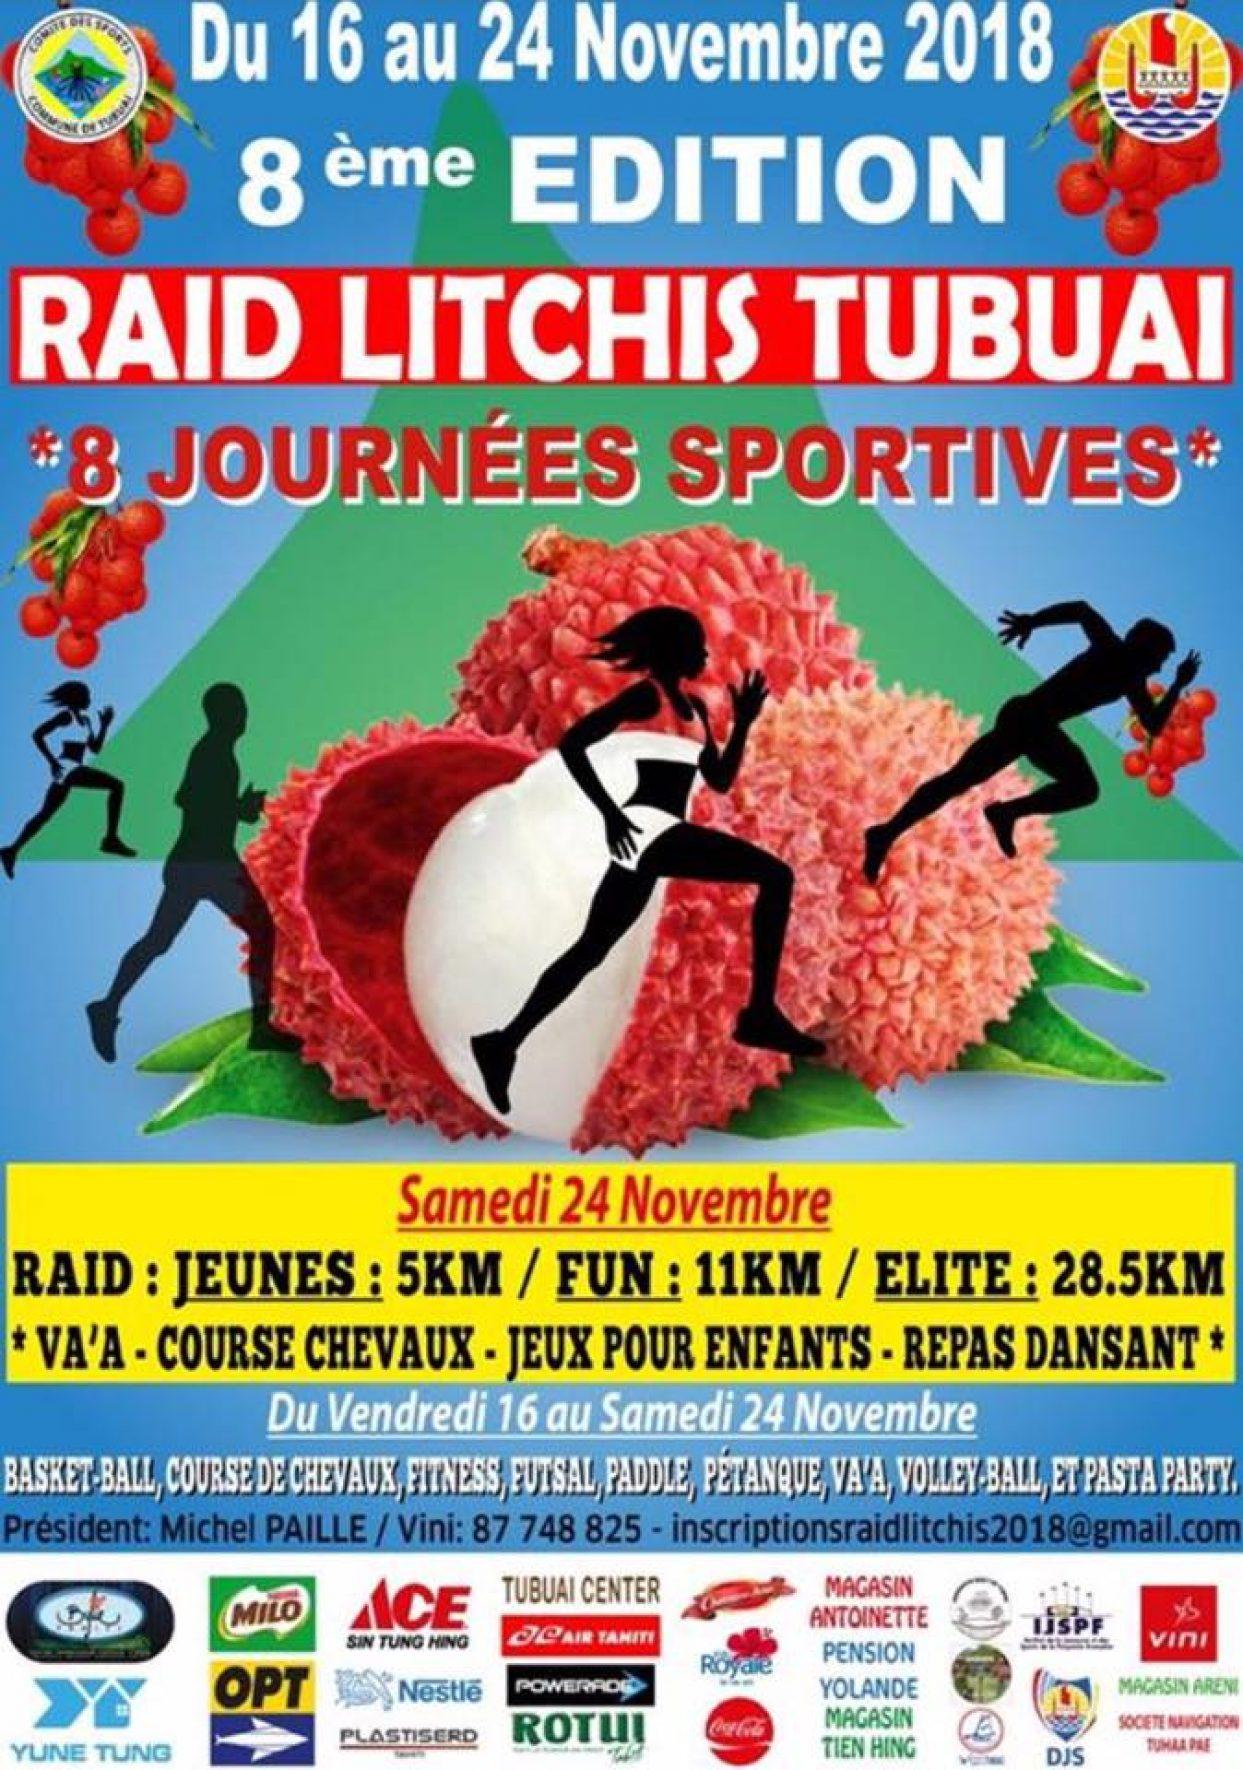 La 8ème édition du RAID Litchis Tubuai se tiendra du 16 au 25 novembre 2018